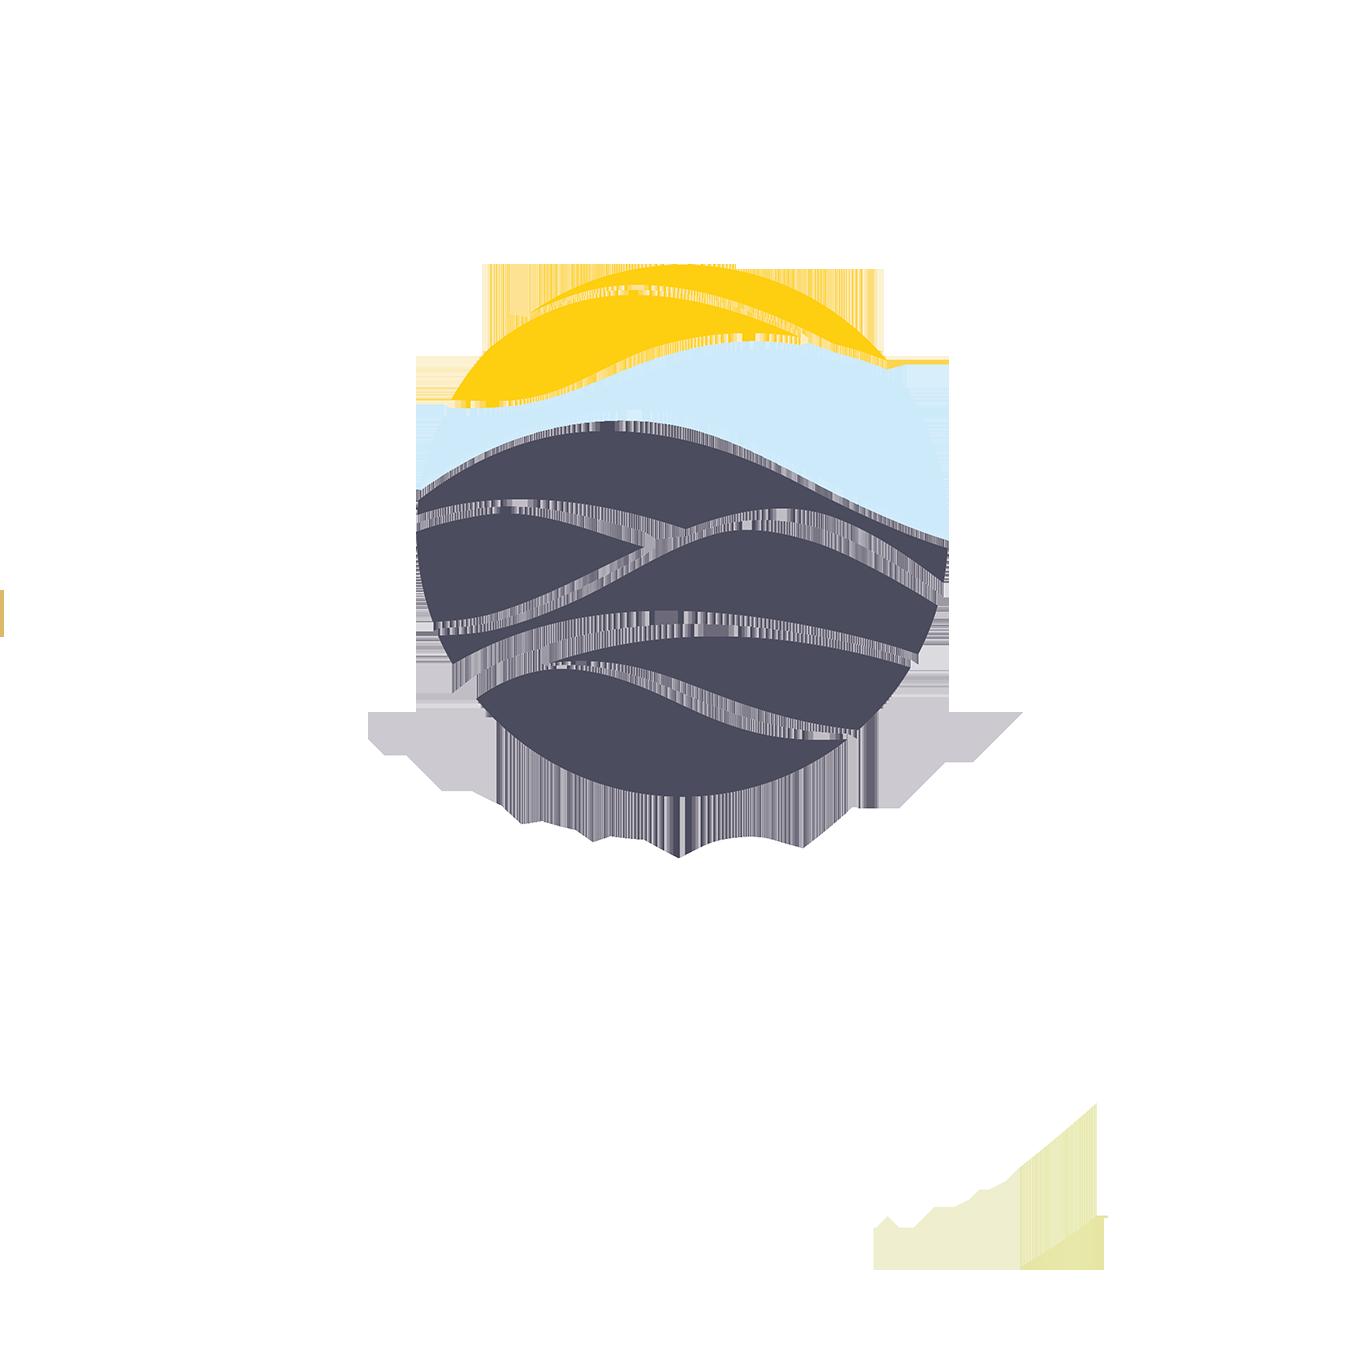 logo-vinhomes-ocean-park-chinh-thuc